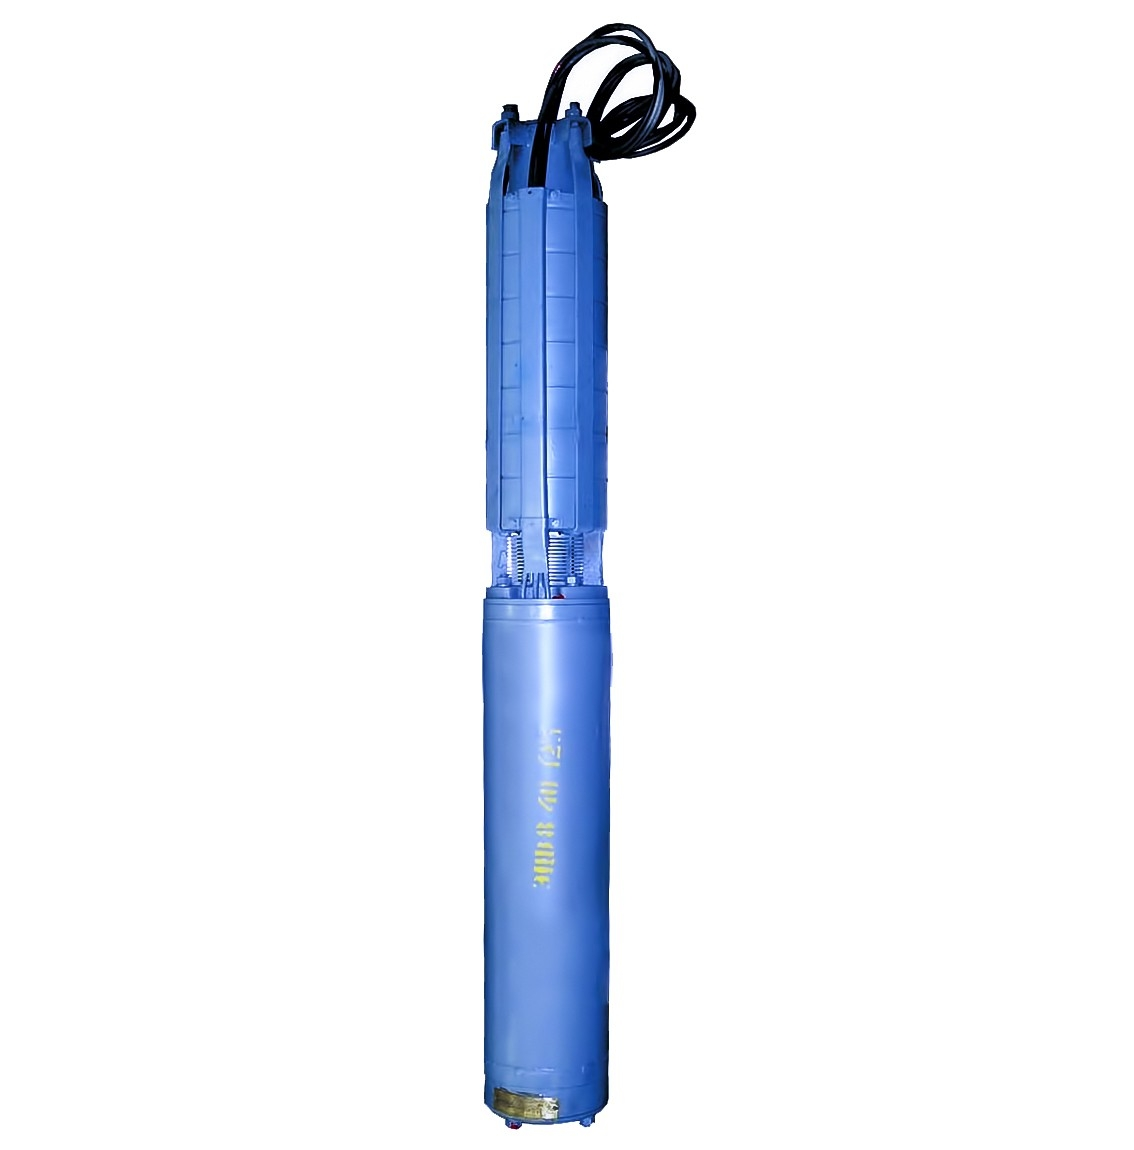 Погружной насос ЭЦВ 5-6,5-170 армлен